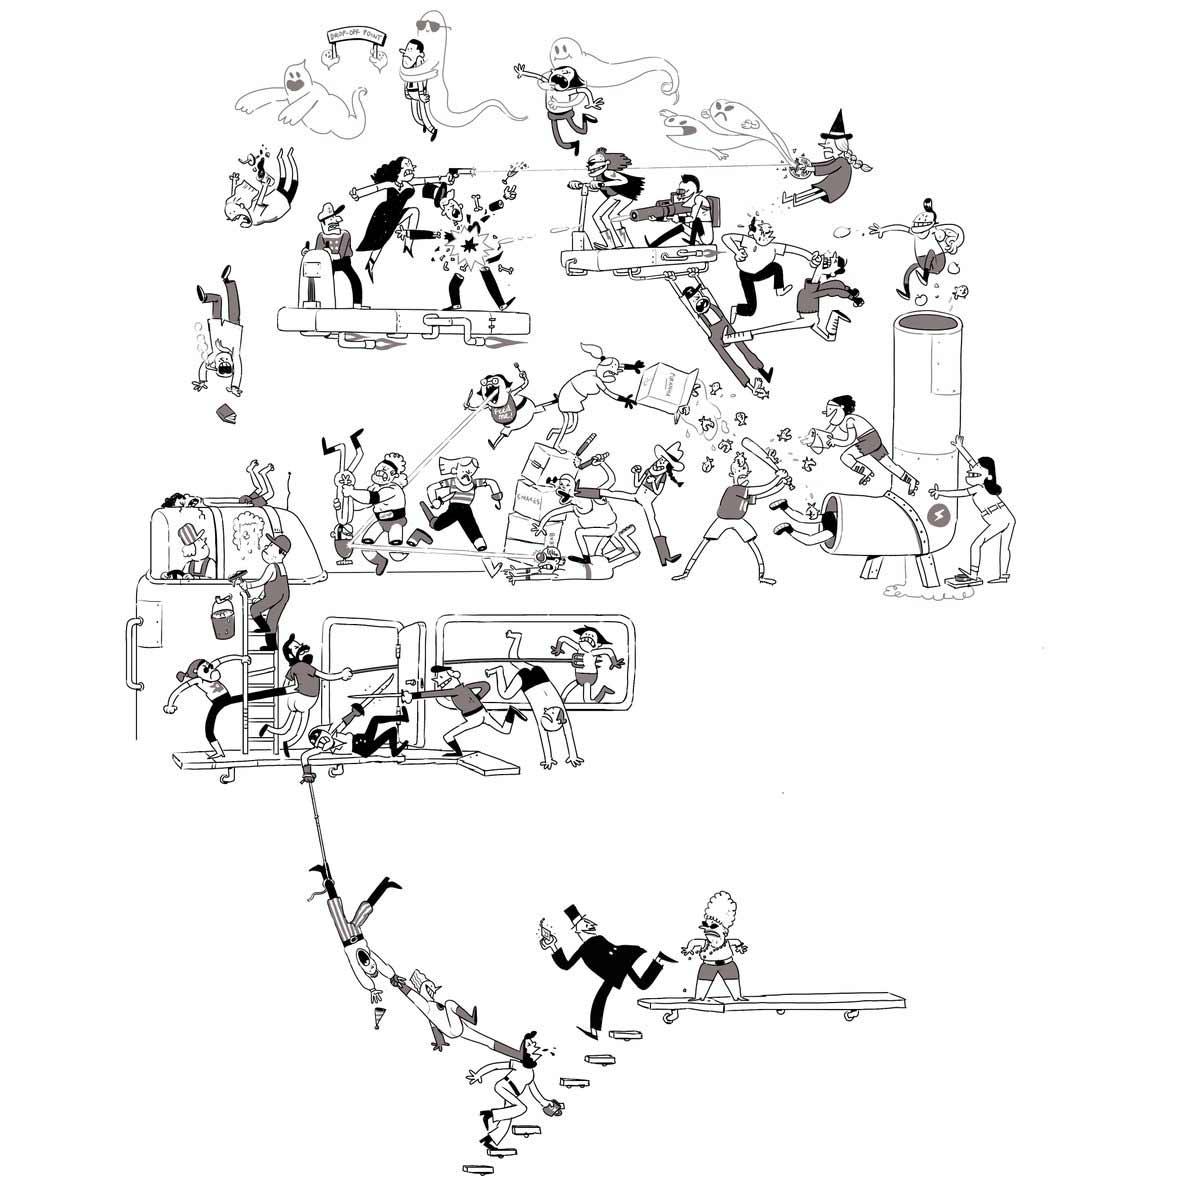 Jeden Tag wird diese Zeichnung einer Schlägerei um eine Figur erweitert Tom-Gran_schlaegerei-jeden-tag-eine-neue-figur_08